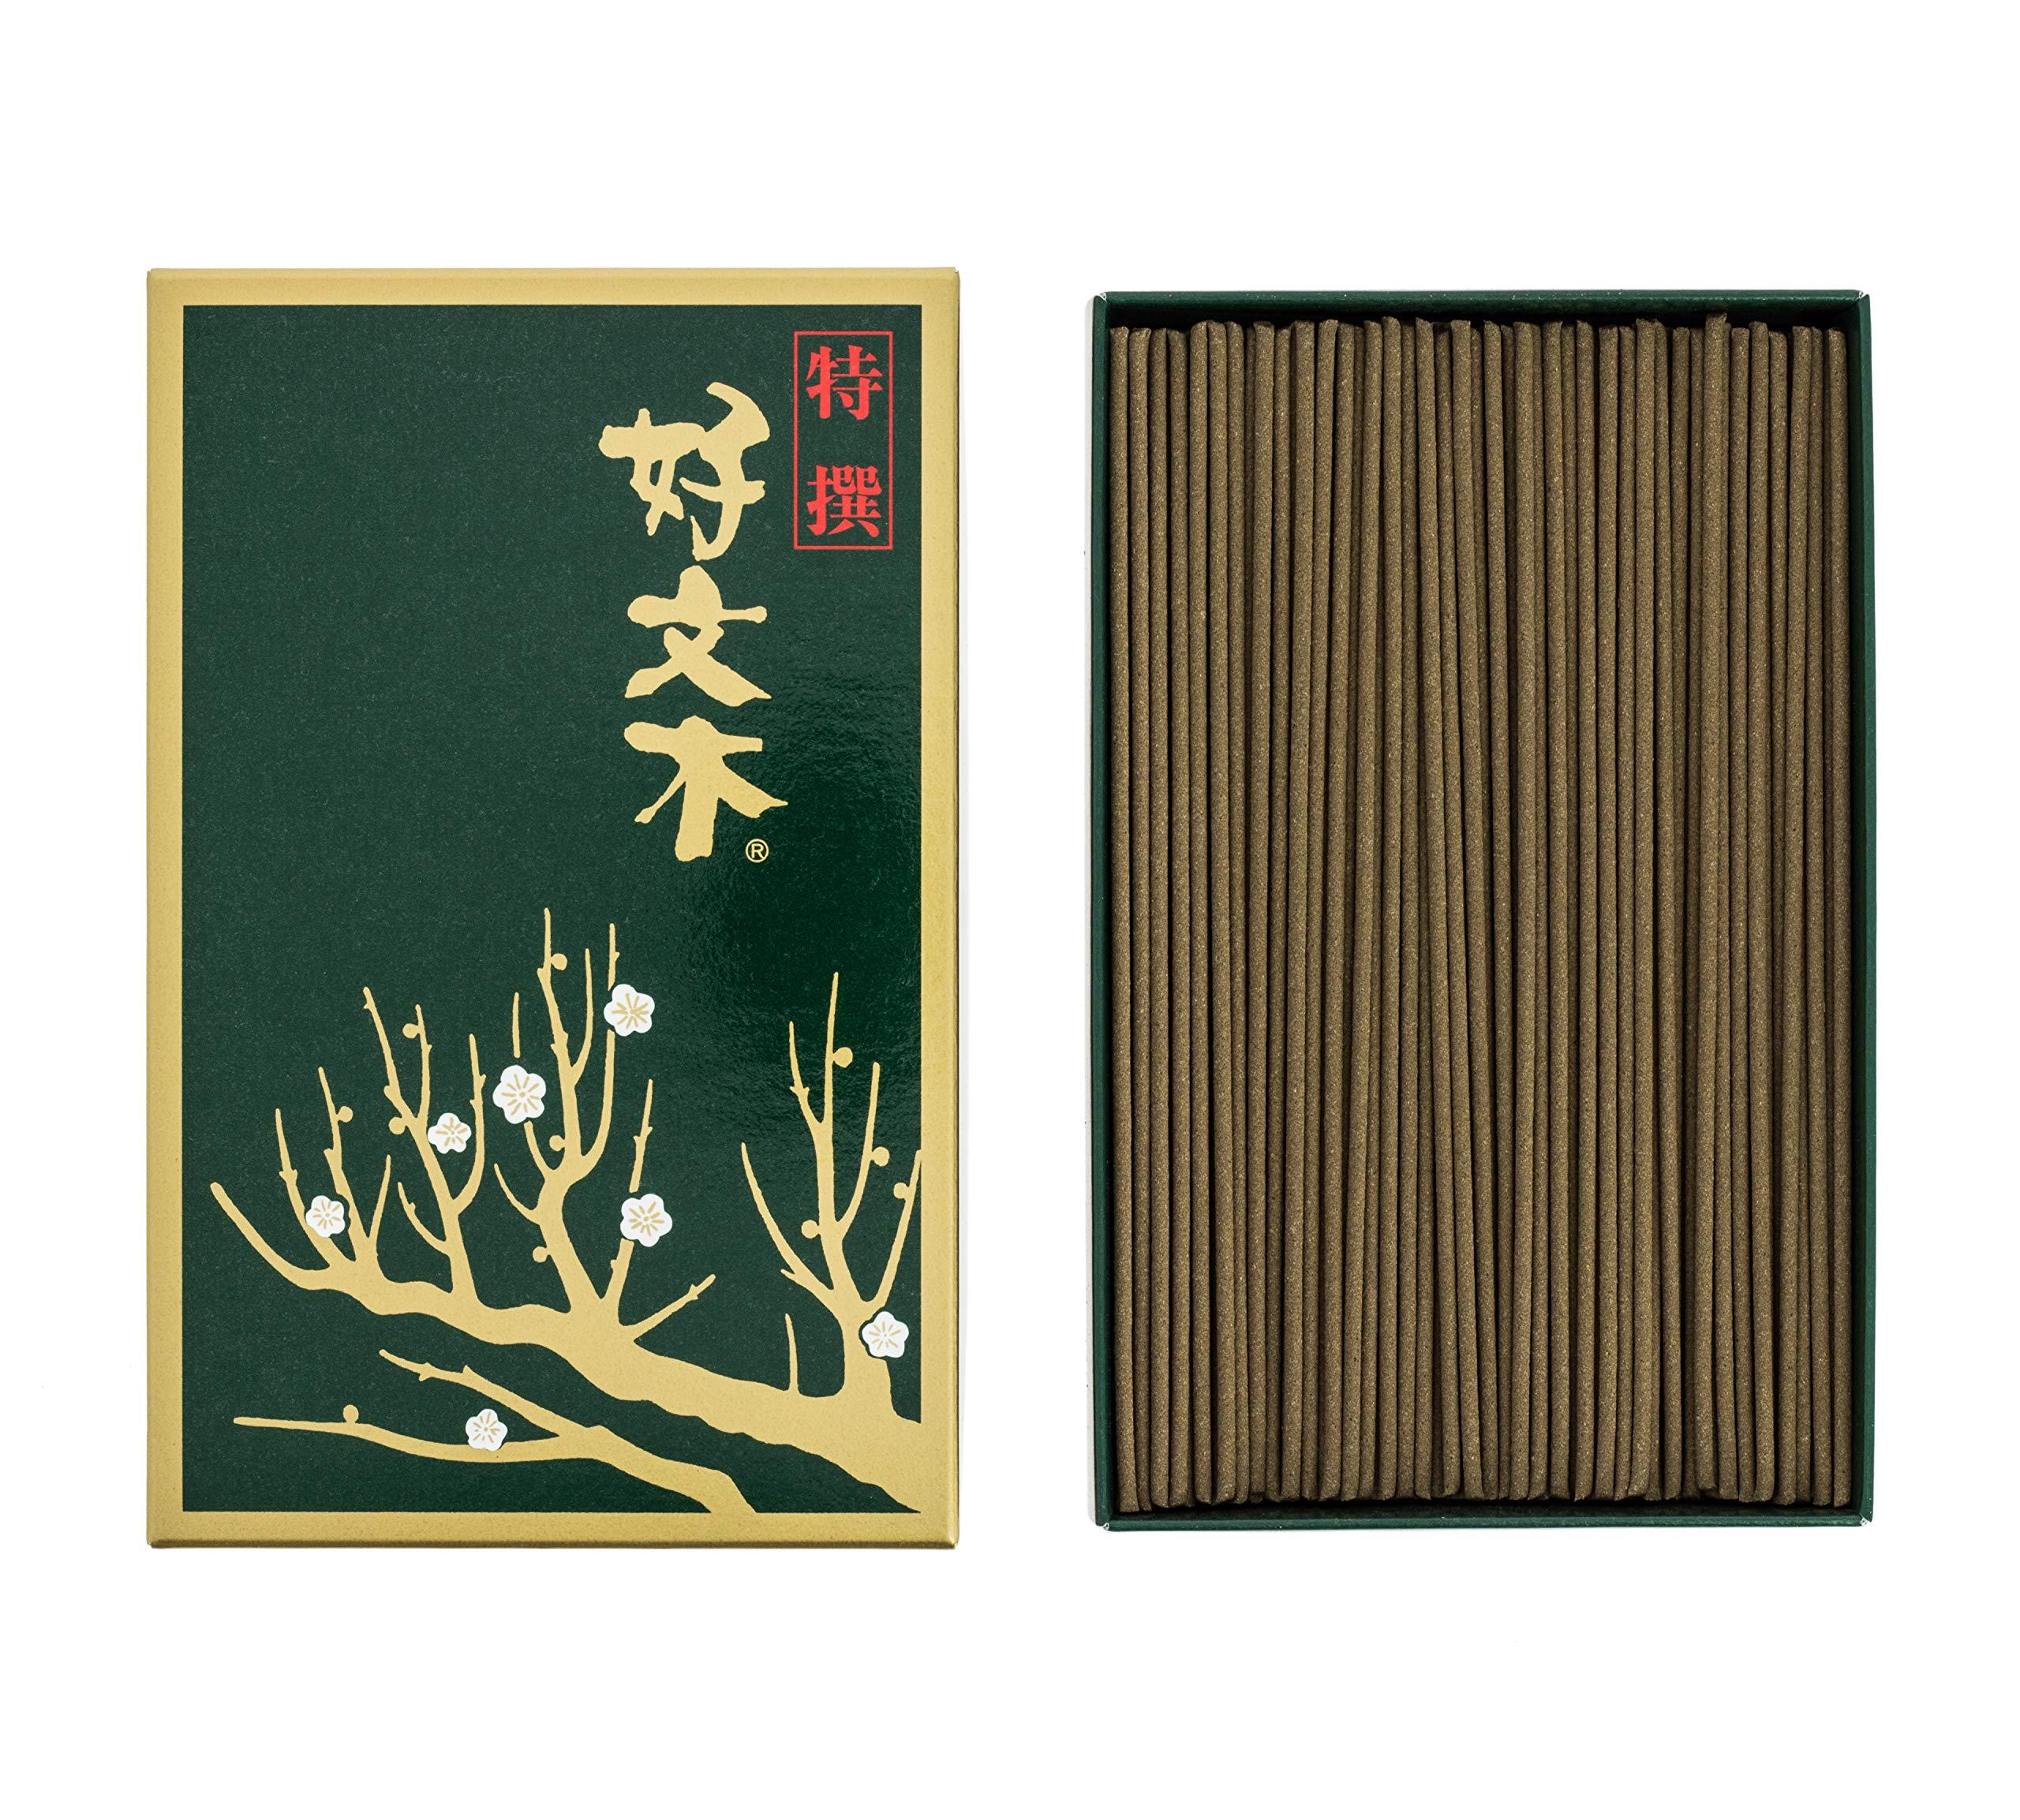 Japanese Incense Kobunboku Tokusen (Premium) Regular Box of 490 Sticks by Baieido by Baieido